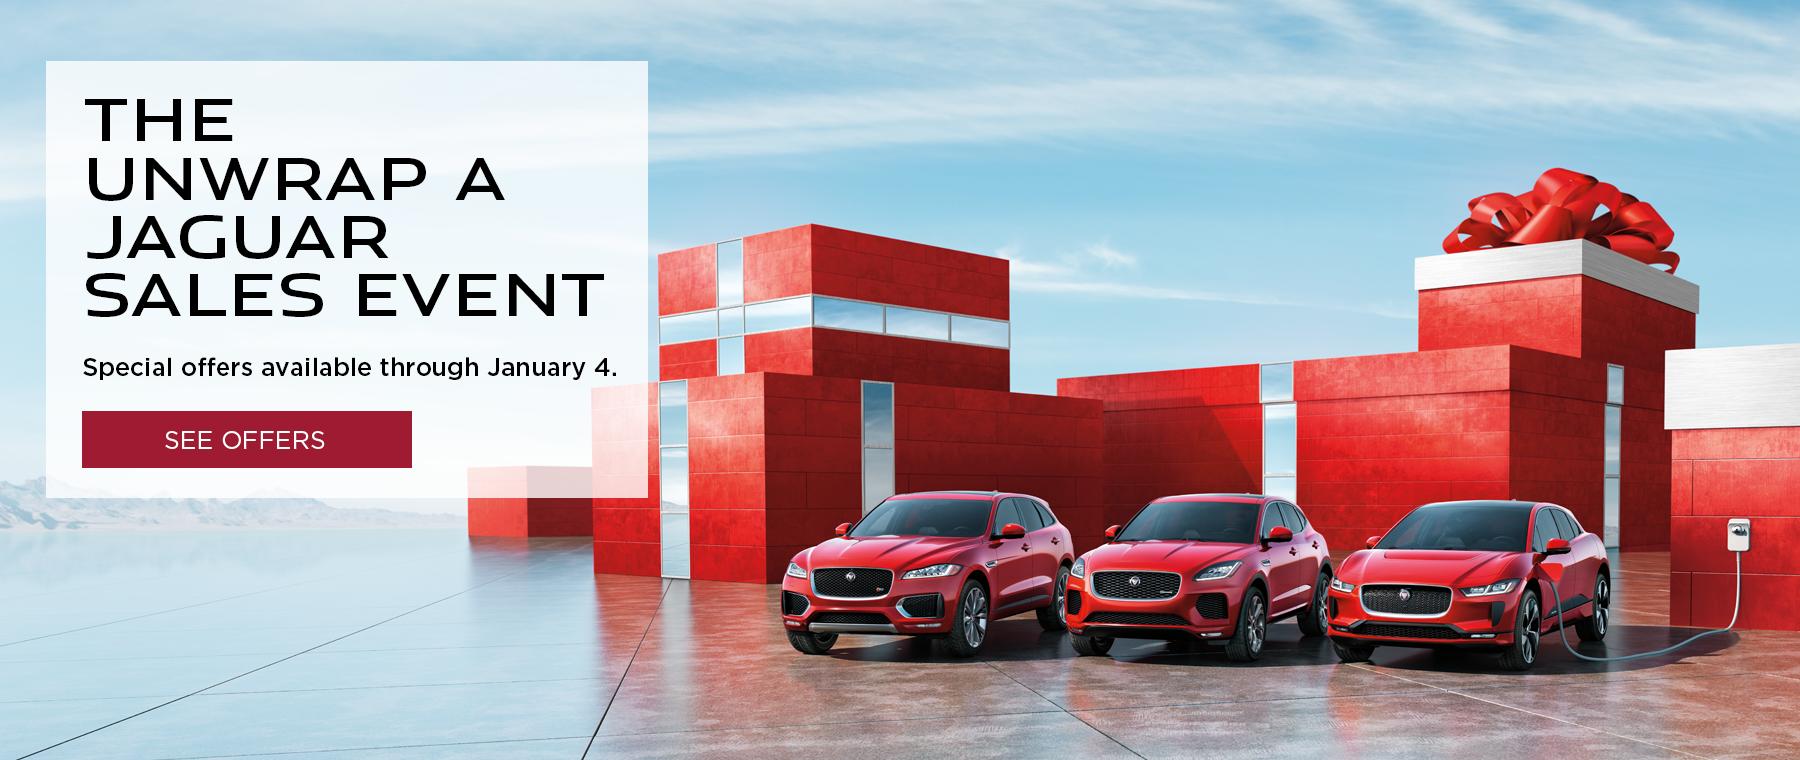 Unwrap a Jaguar Sales Event